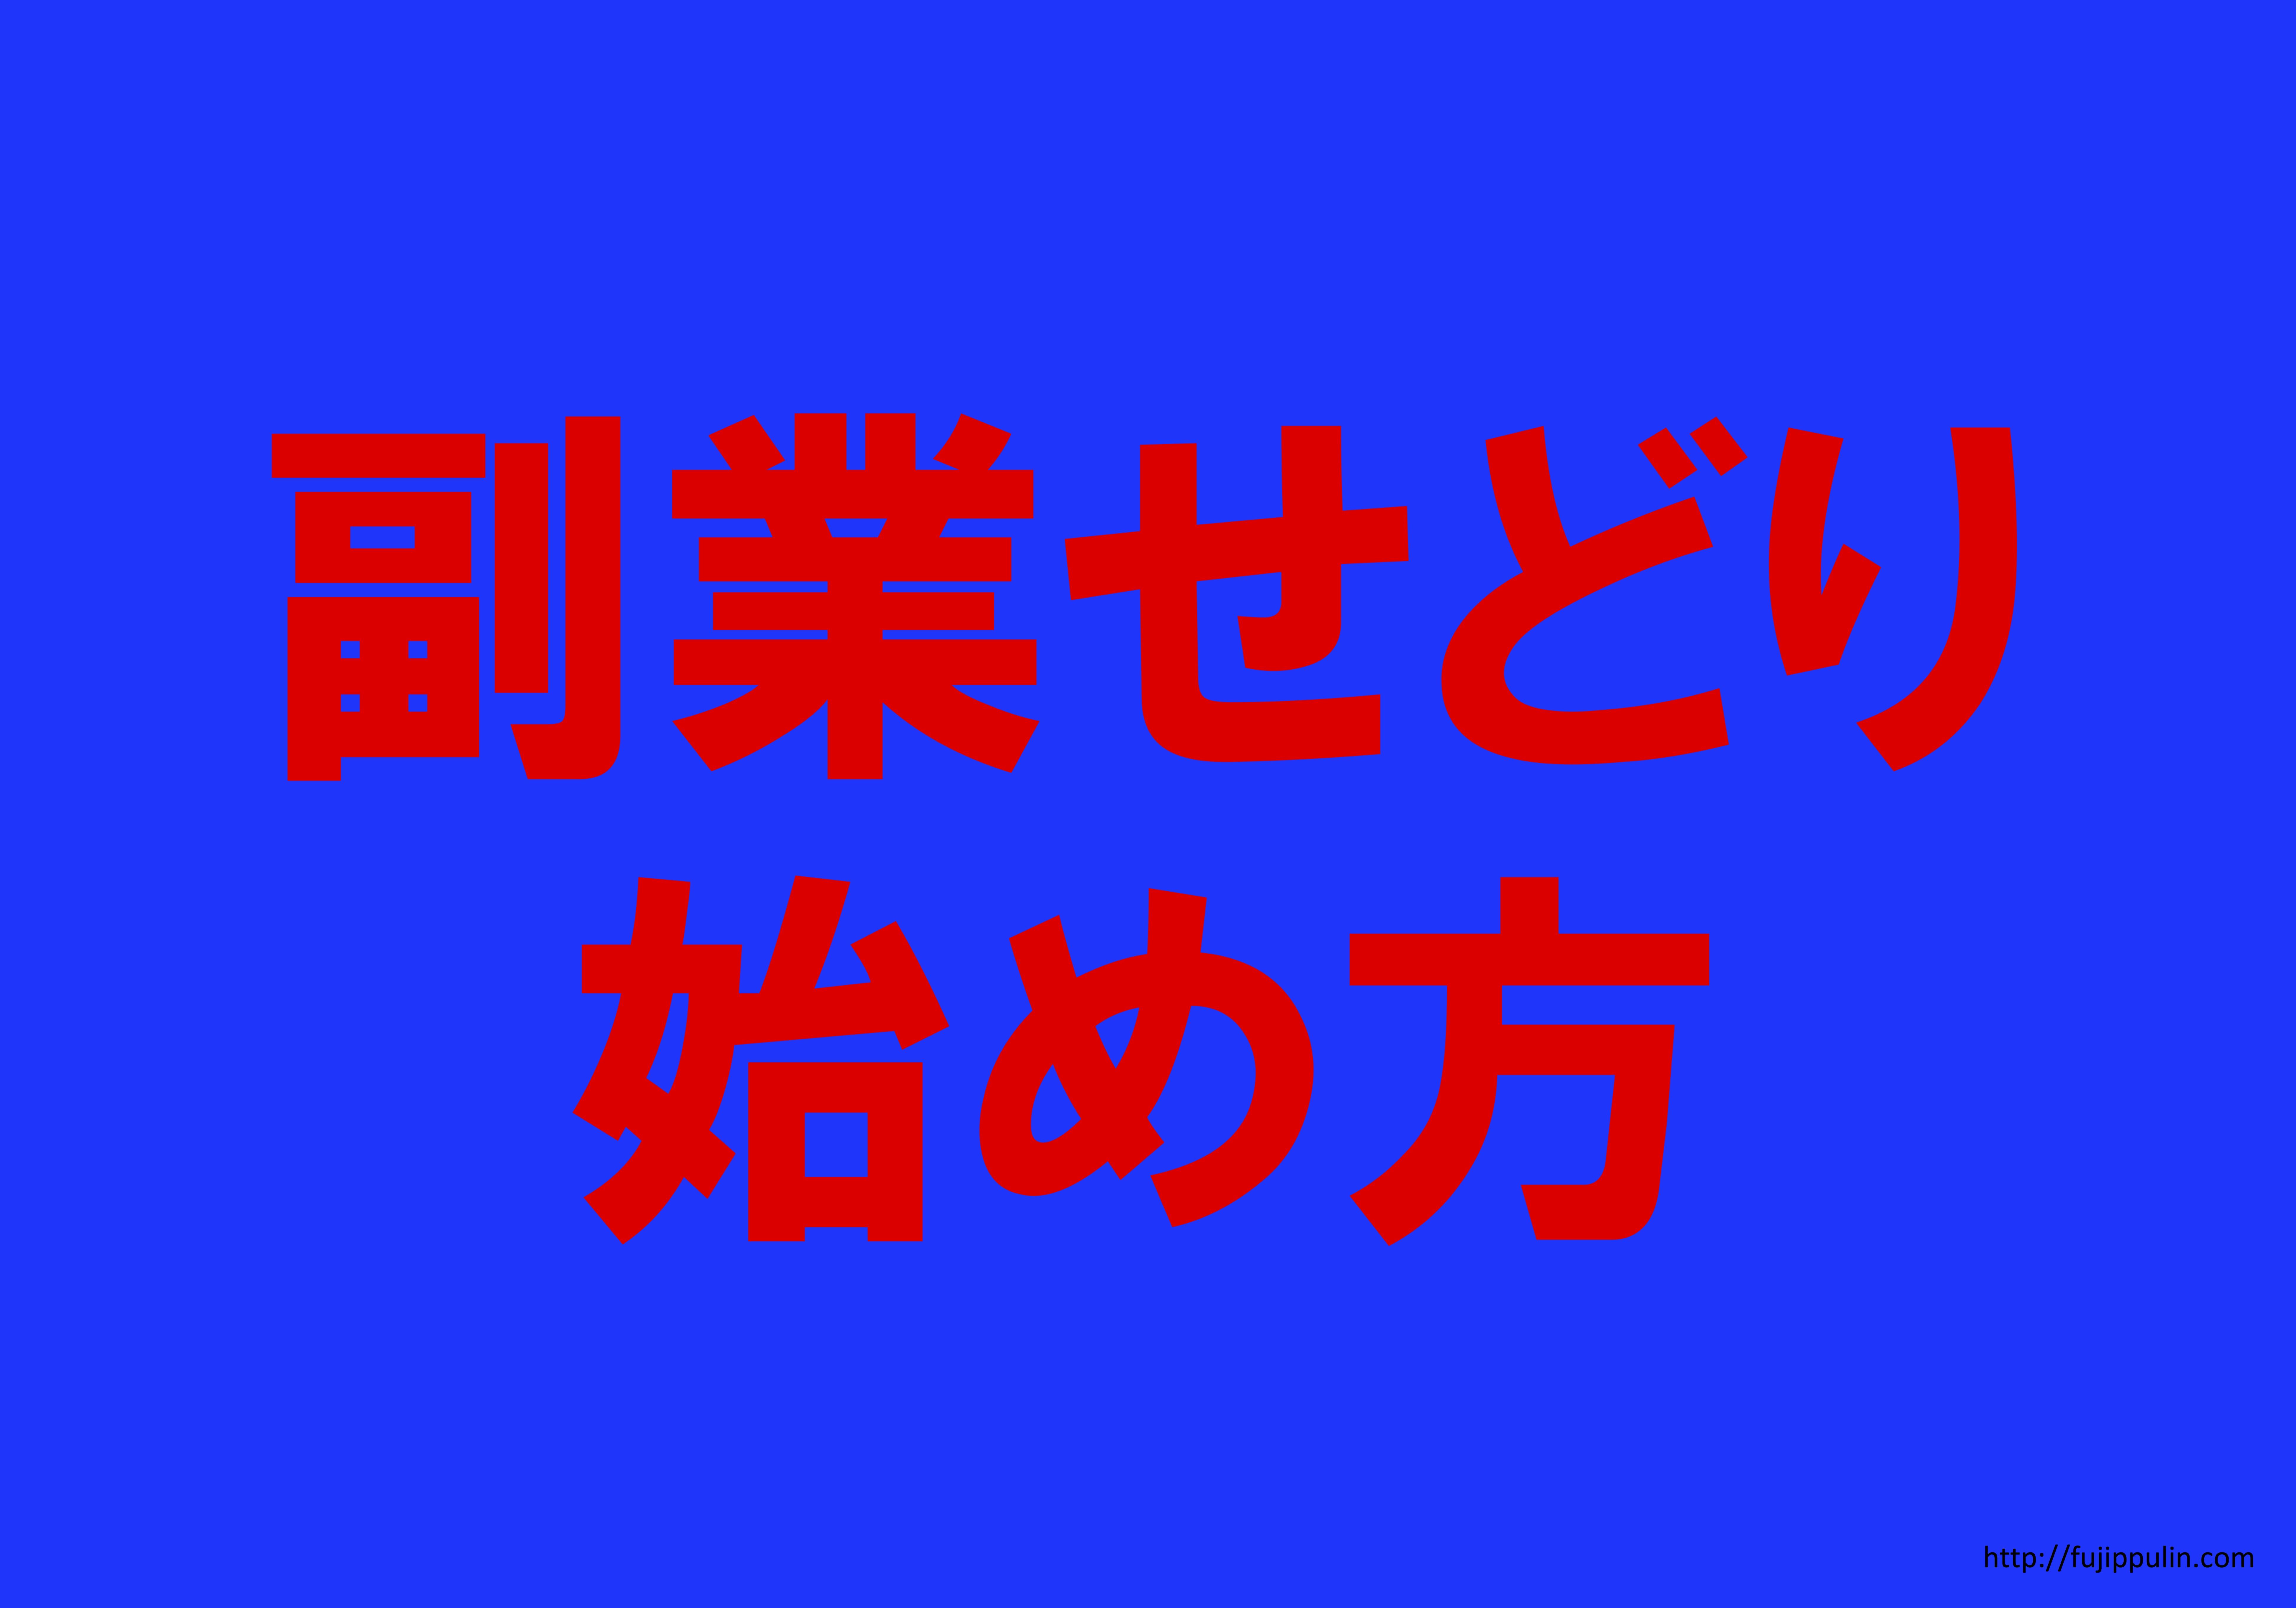 http://fujippulin.com